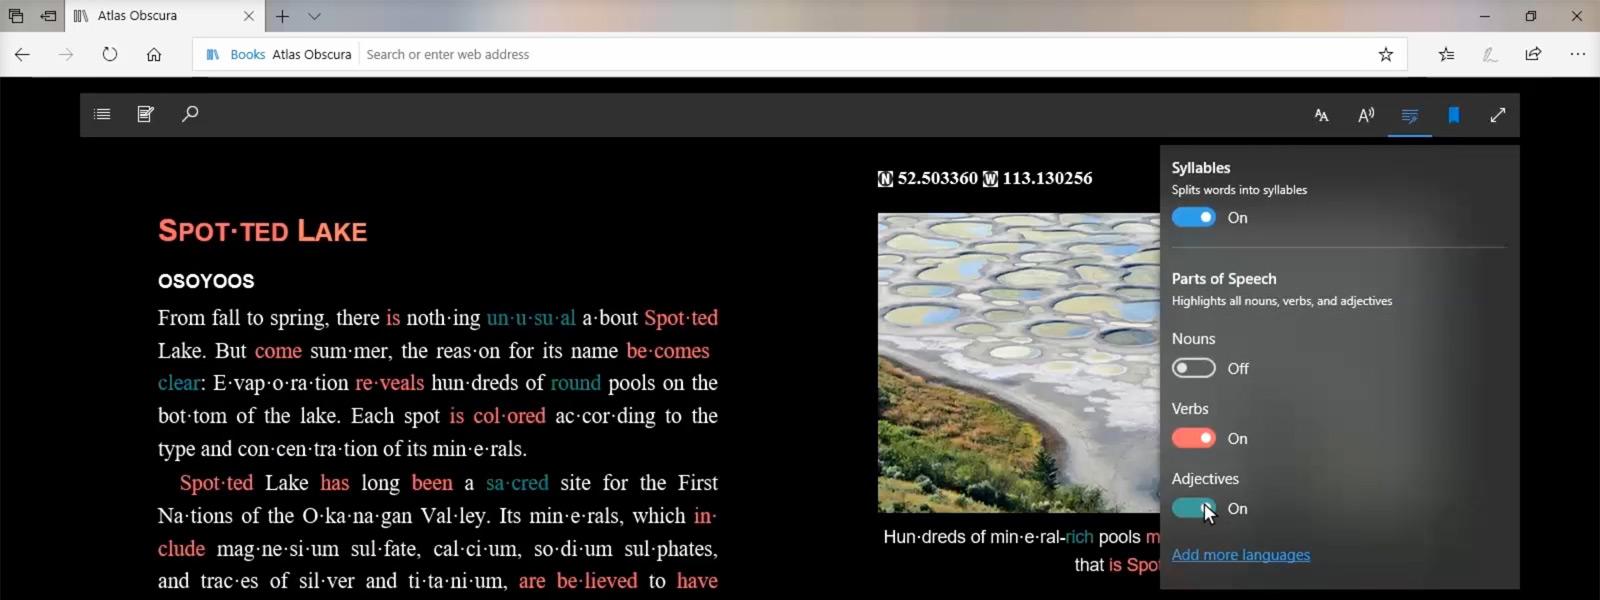 Imagem do ecrã da funcionalidade Ferramentas de Aprendizagem a realçar os substantivos, verbos e adjetivos existentes numa página Web